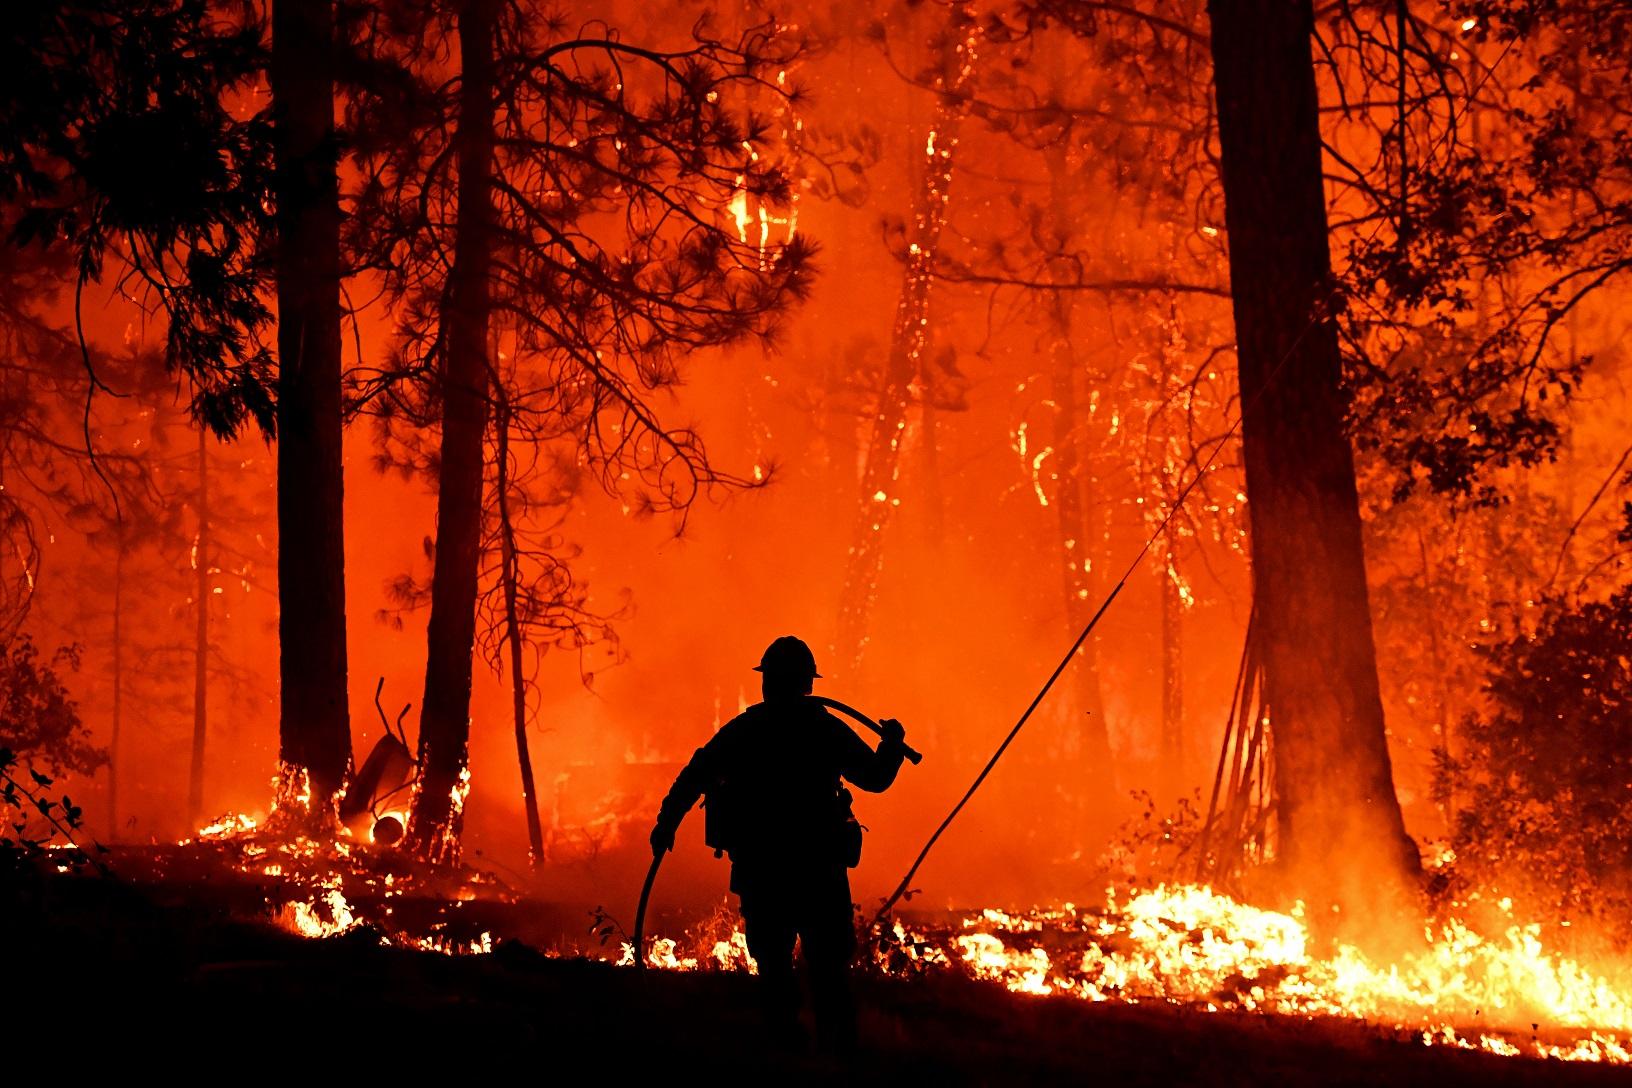 Bombeiros tentam controlar o fogo que em 2018, atingiu a Shasta Trinity National Forest, na Califórnia. Foto Josh Edelson/AFP